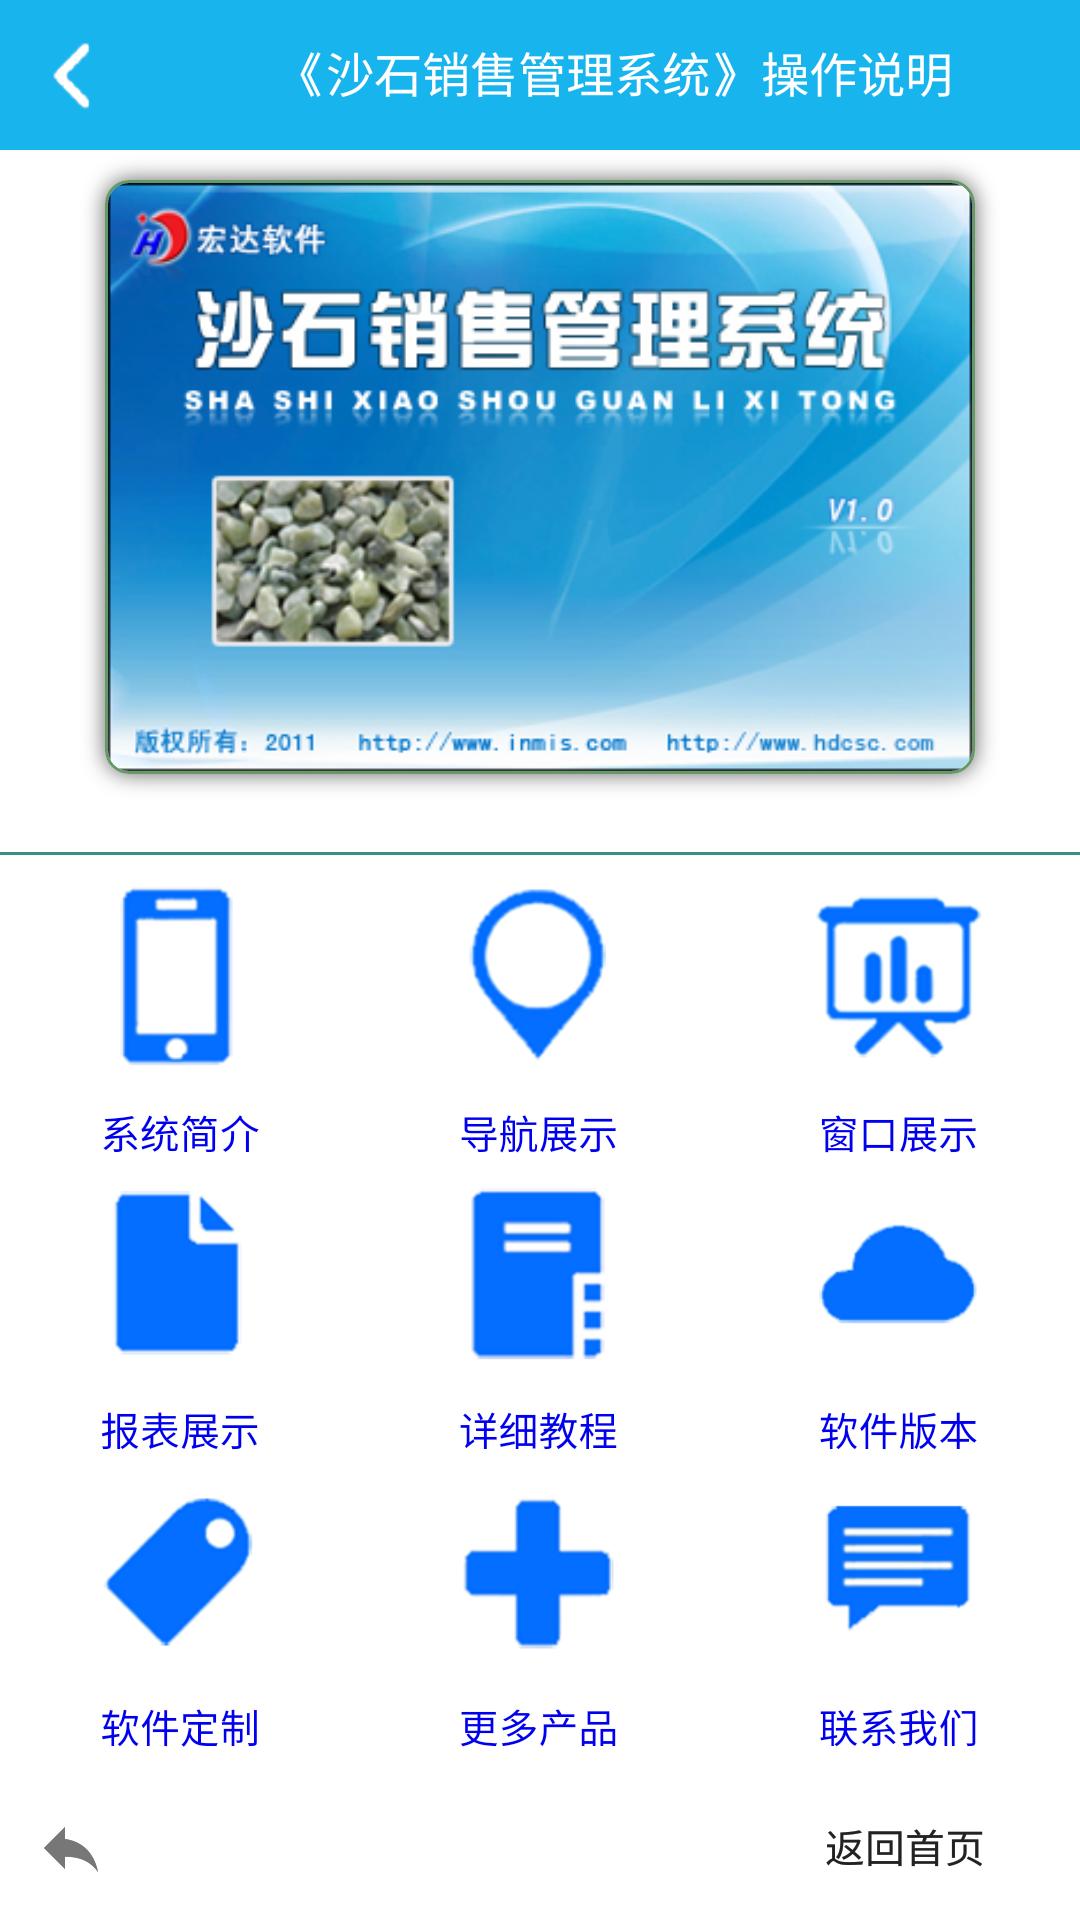 沙石销售管理系统